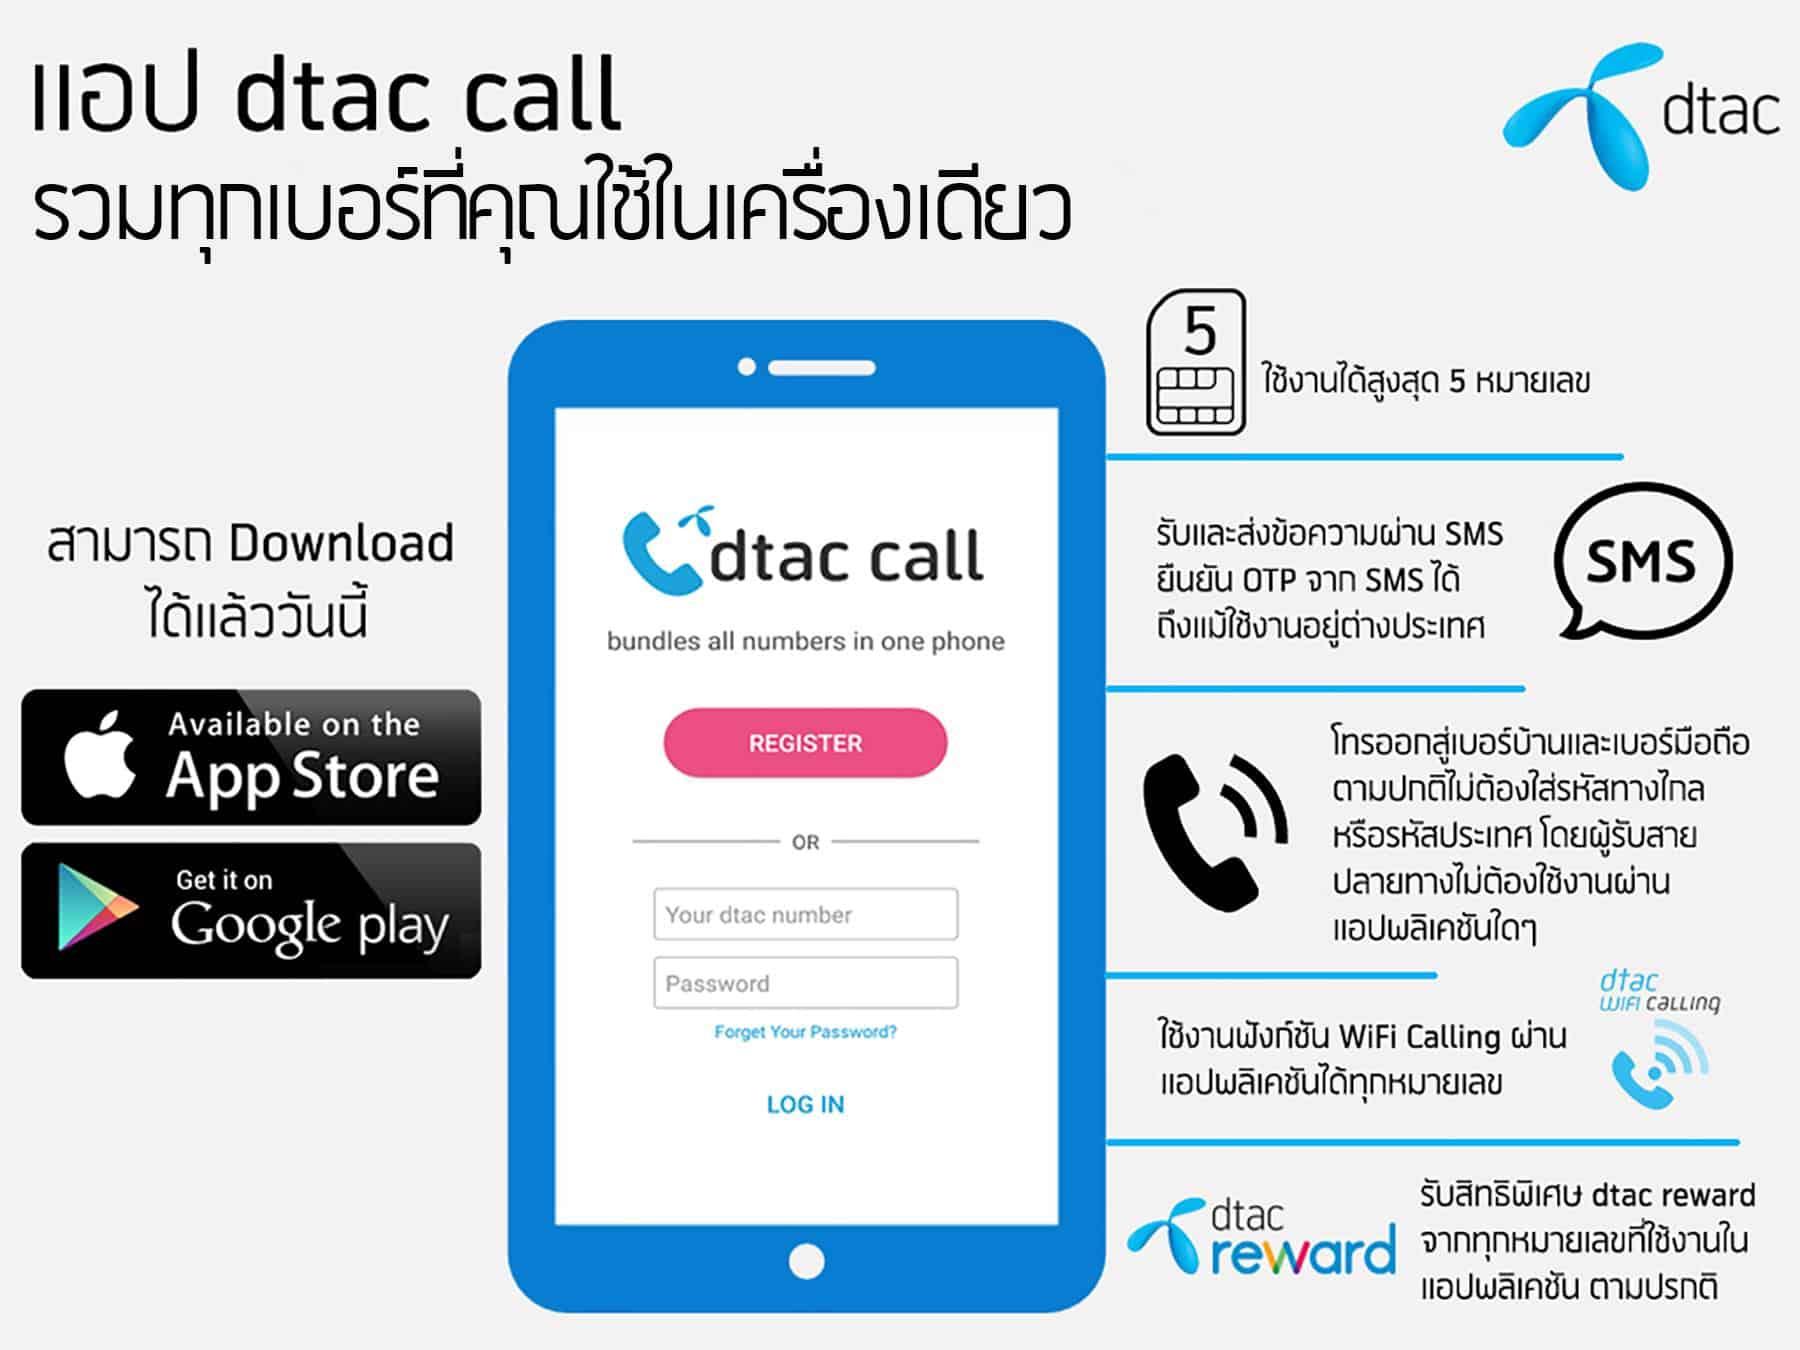 dtac call003